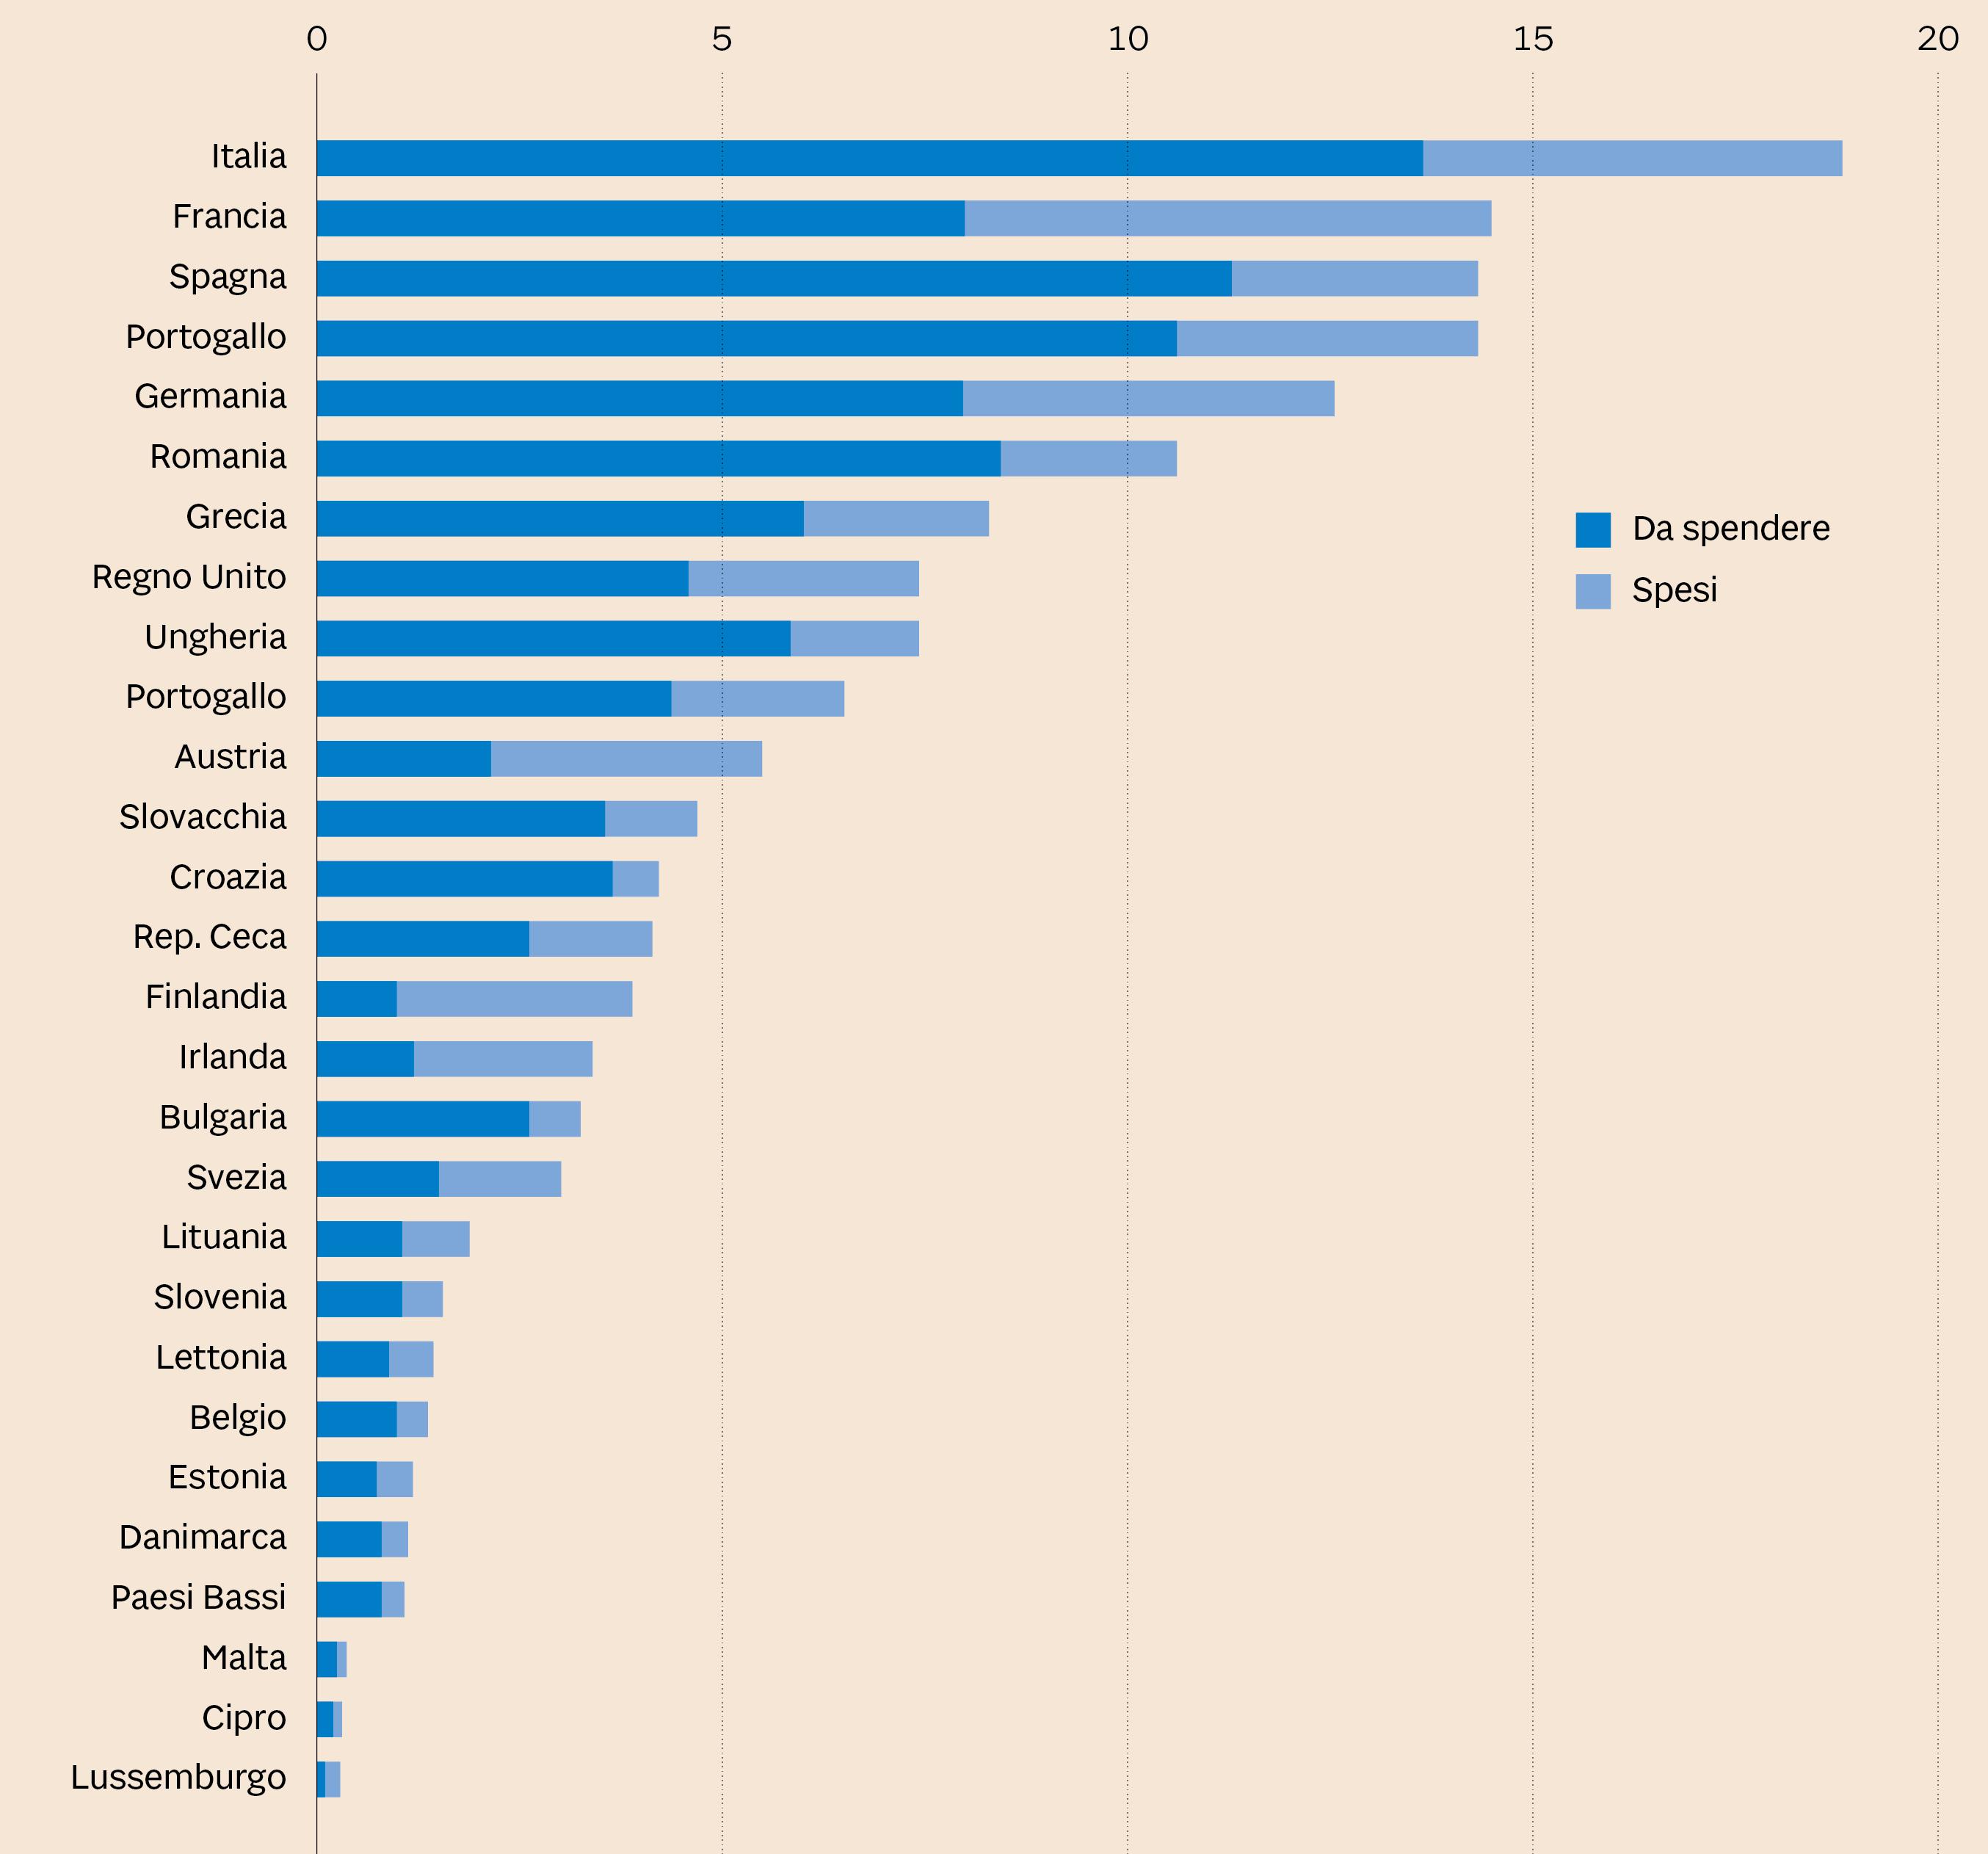 4e4ab43f05 FONDI STRUTTURALI EUROPEI PER LE AZIONI SUL CLIMA Valori in miliardi di  euro. Fonte elaborazioni